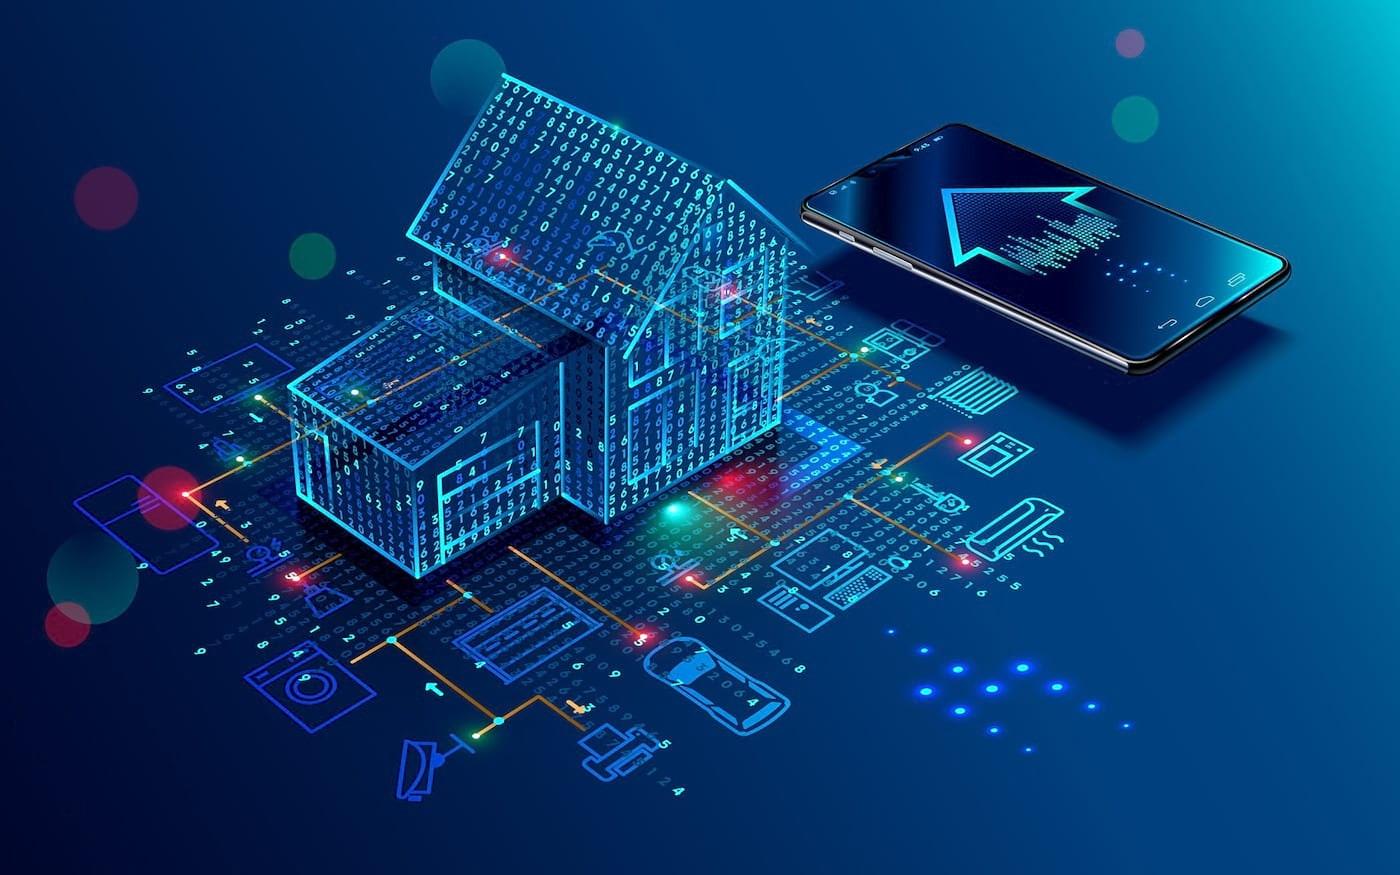 Pesquisa revela que mais de 40% das residências no mundo possuem dispositivos conectados